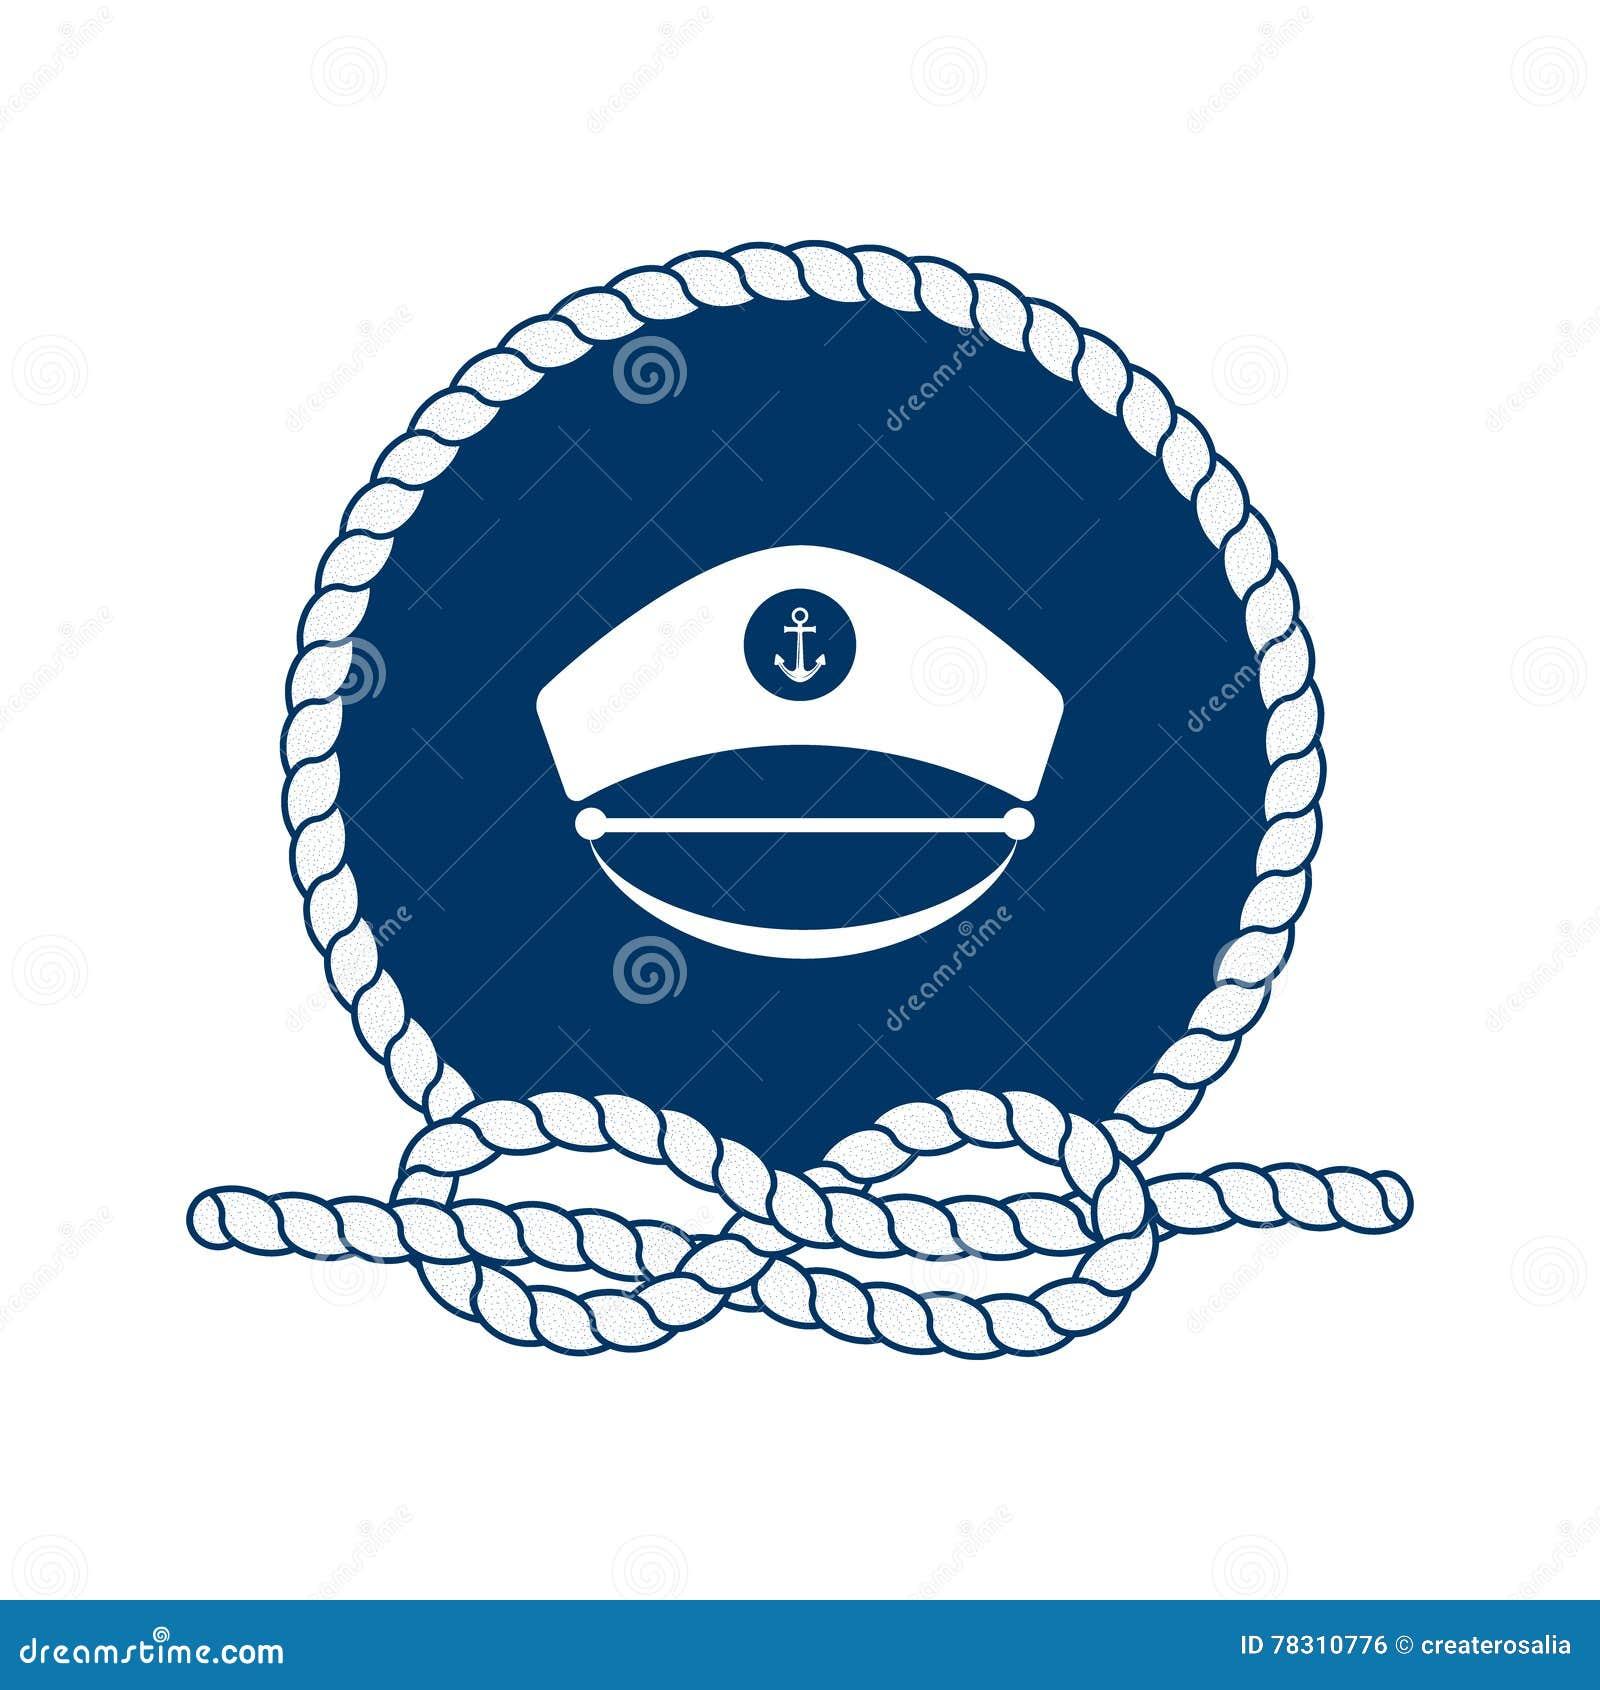 Symbolet av sjömän, seglar, kryssning och havet vektor